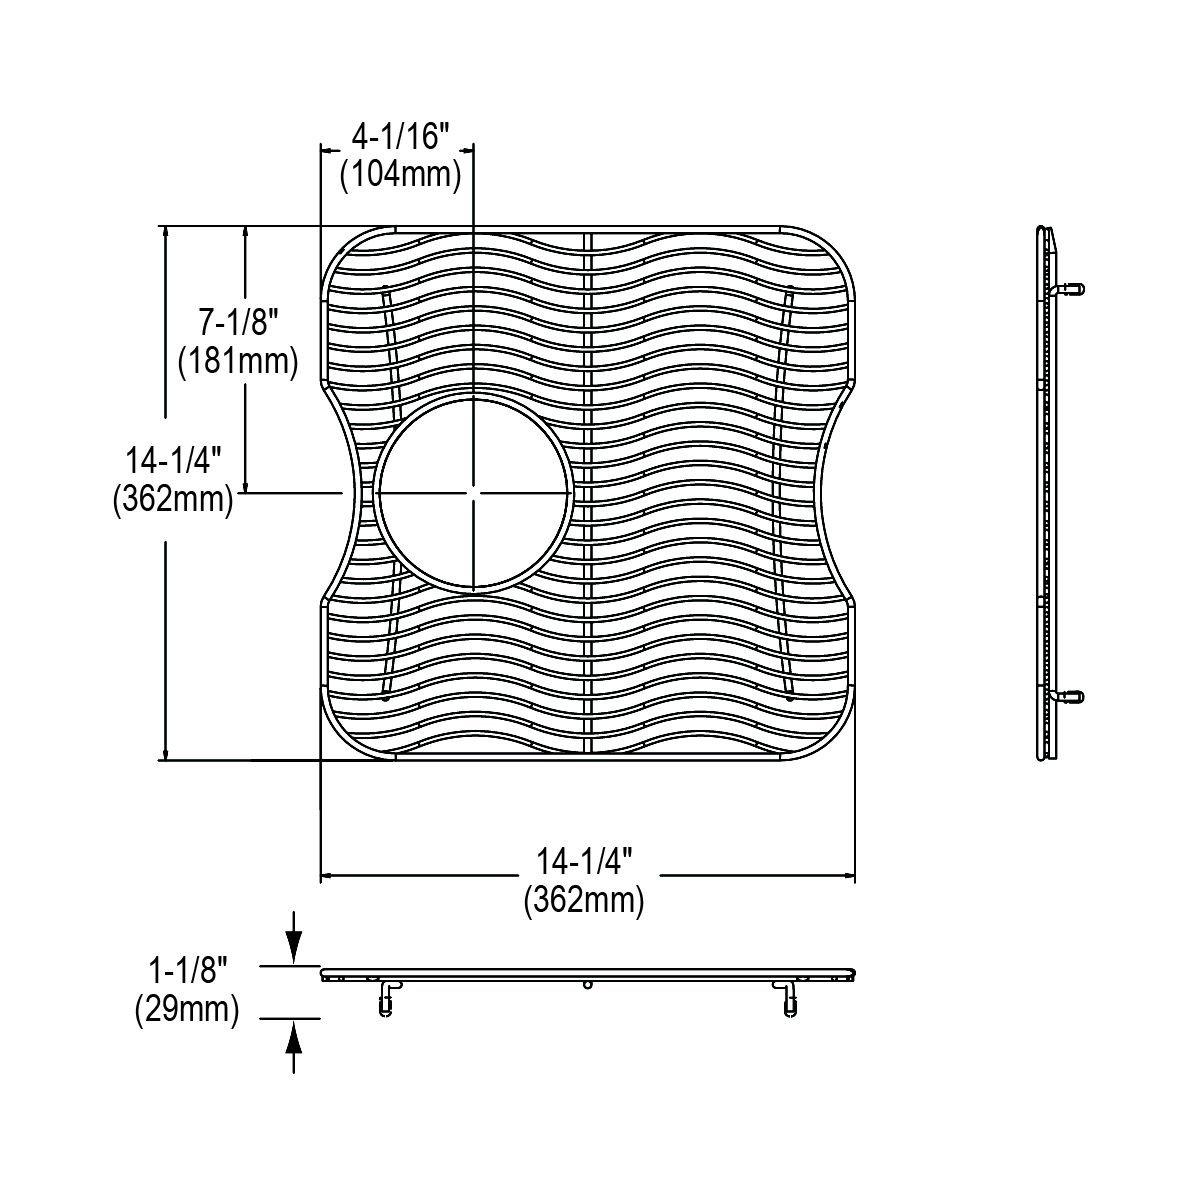 Elkay LKWOBG1716SS Stainless Steel Bottom Grid by Elkay (Image #1)